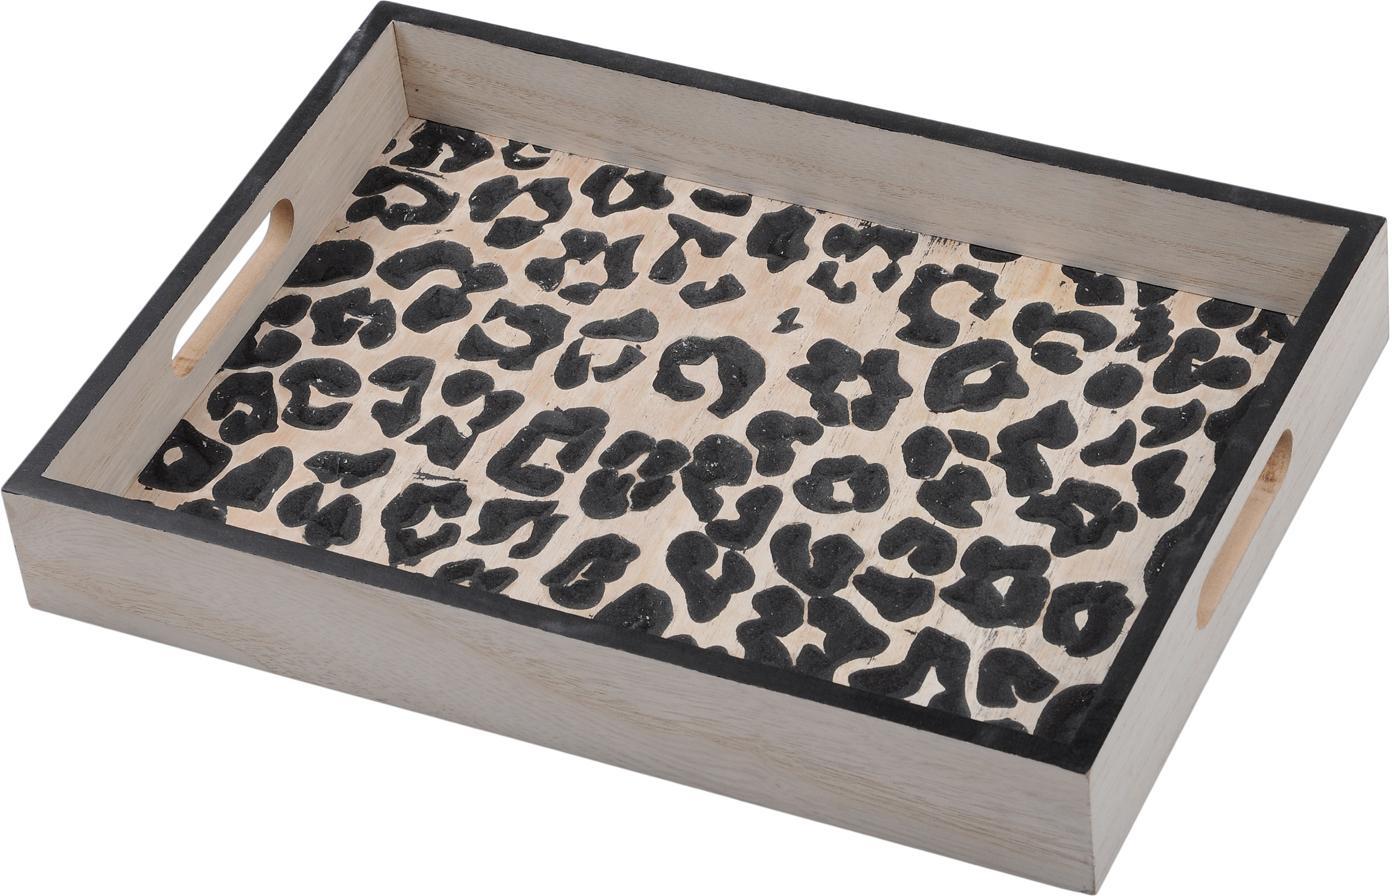 Serviertablett Leopard aus Holz, Mitteldichte Holzfaserplatte (MDF), Beige, Schwarz, B 35 x T 25 cm